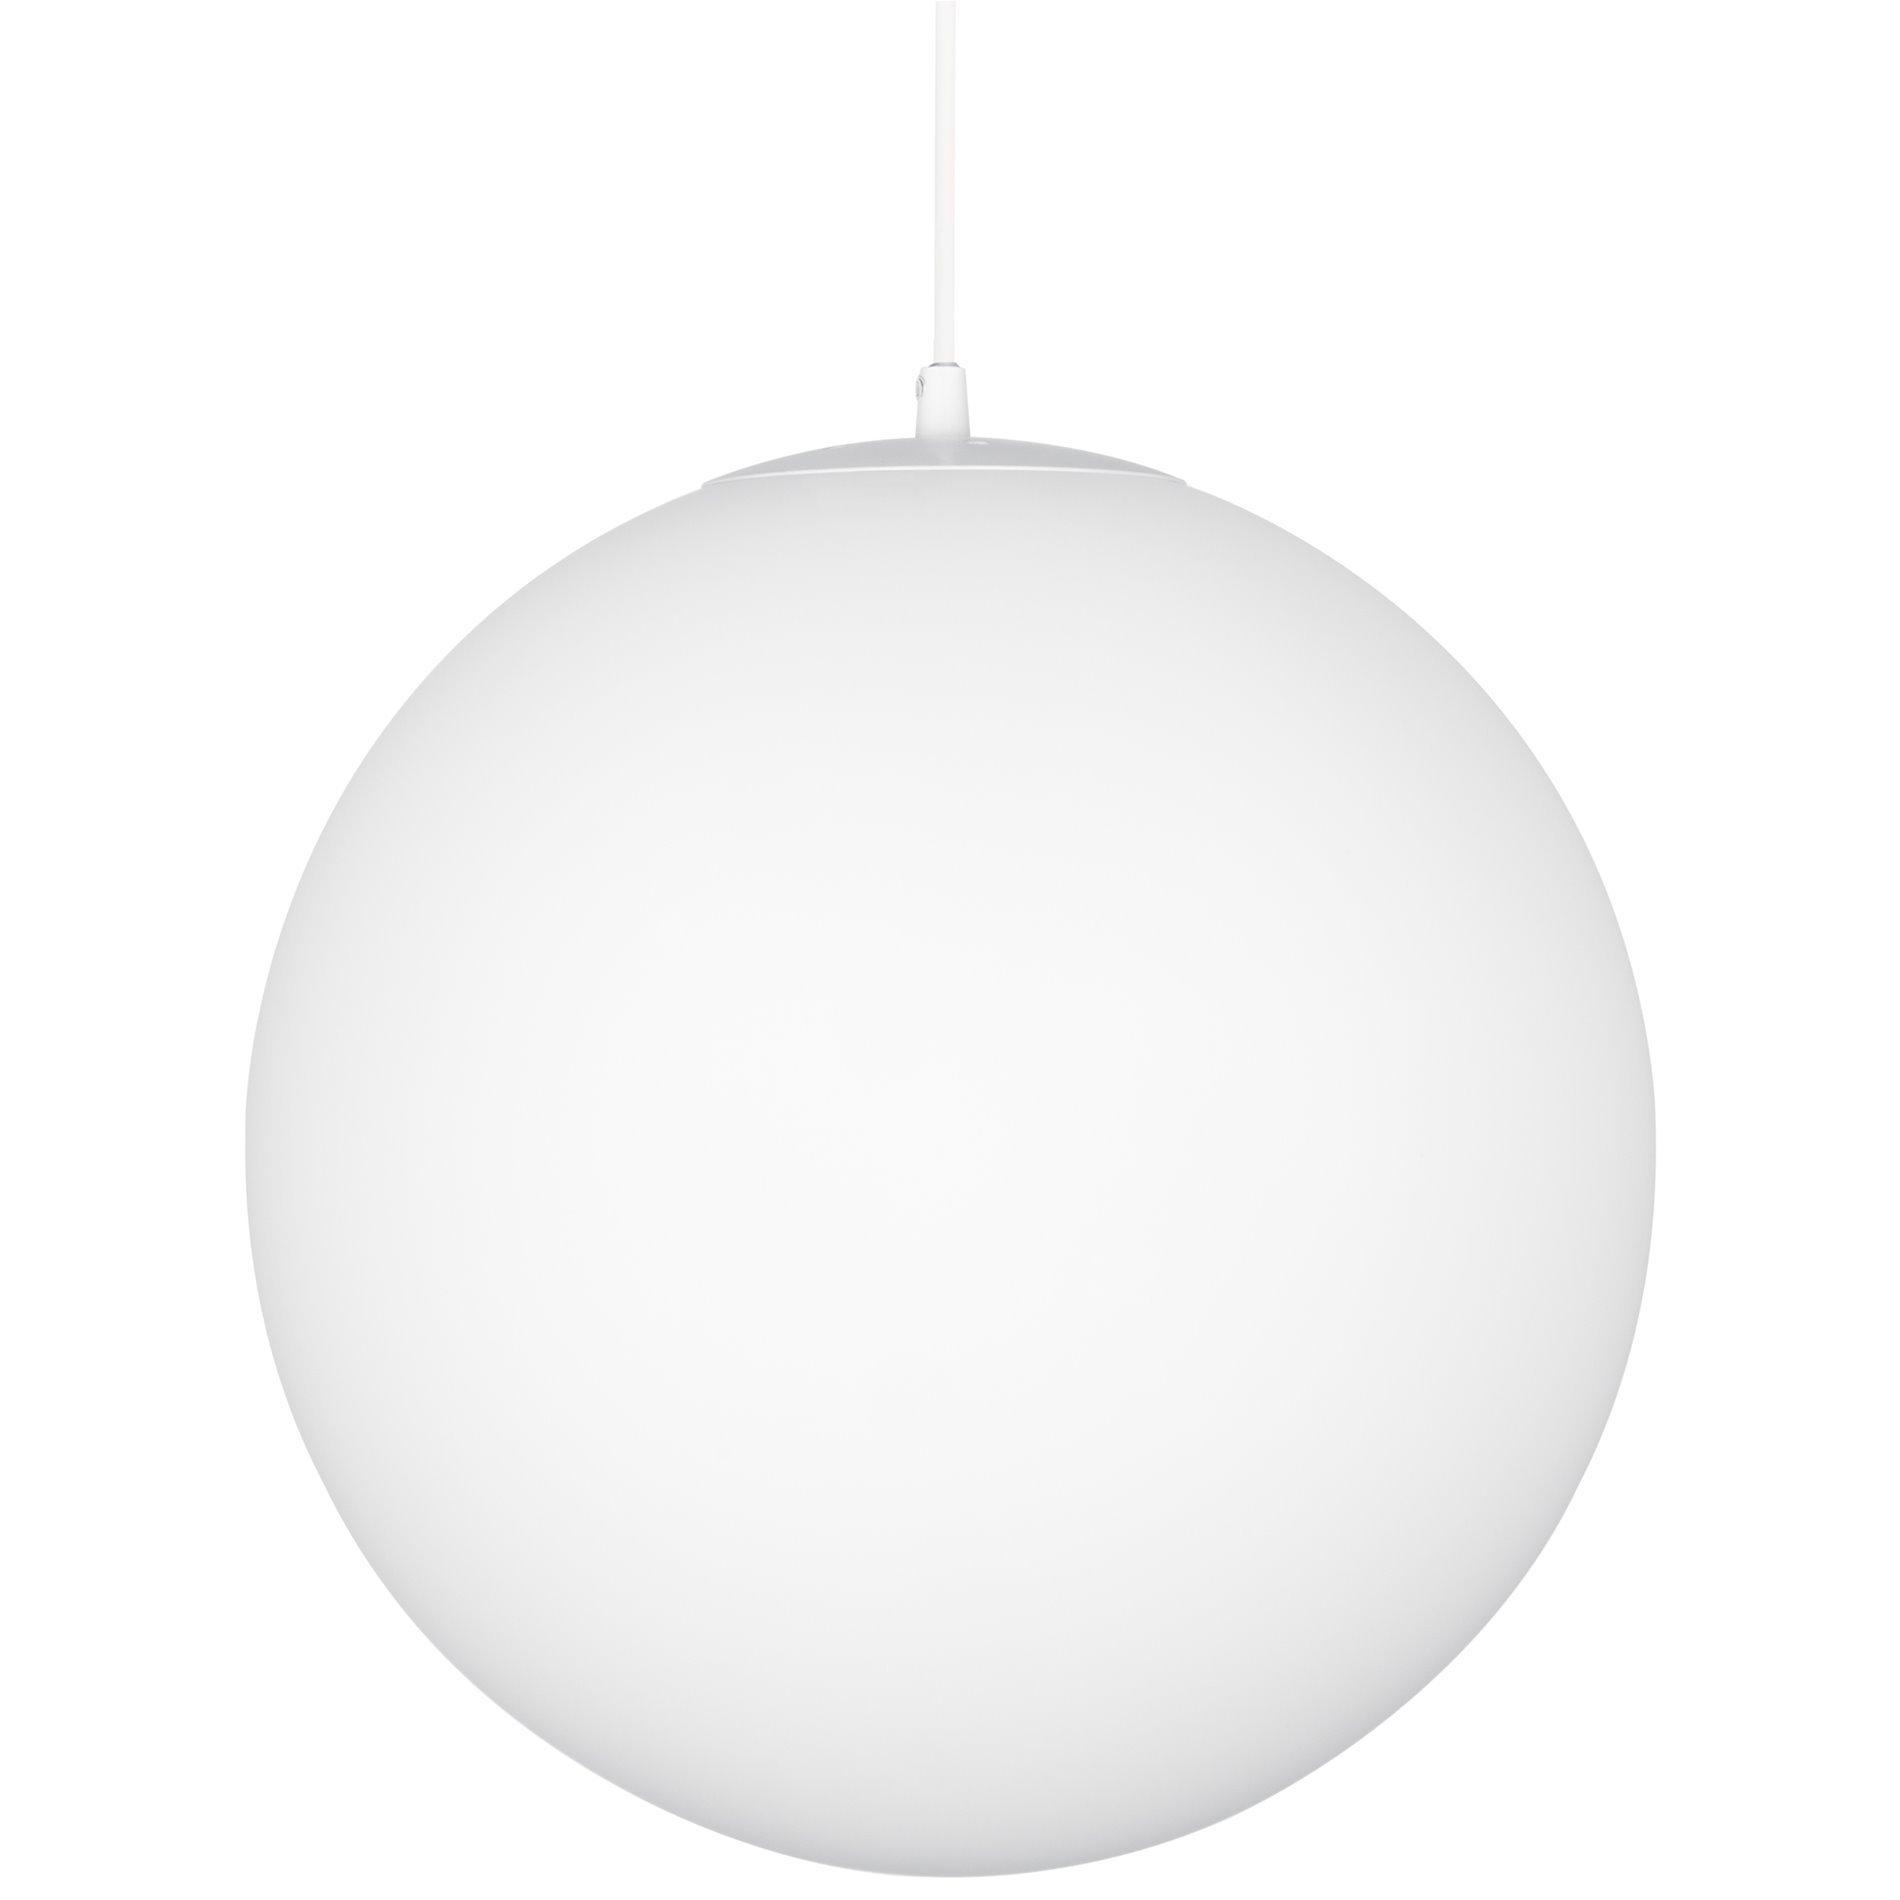 Revel/Kira Home Ceres 8'' Modern White Glass Globe Pendant Light, White Finish